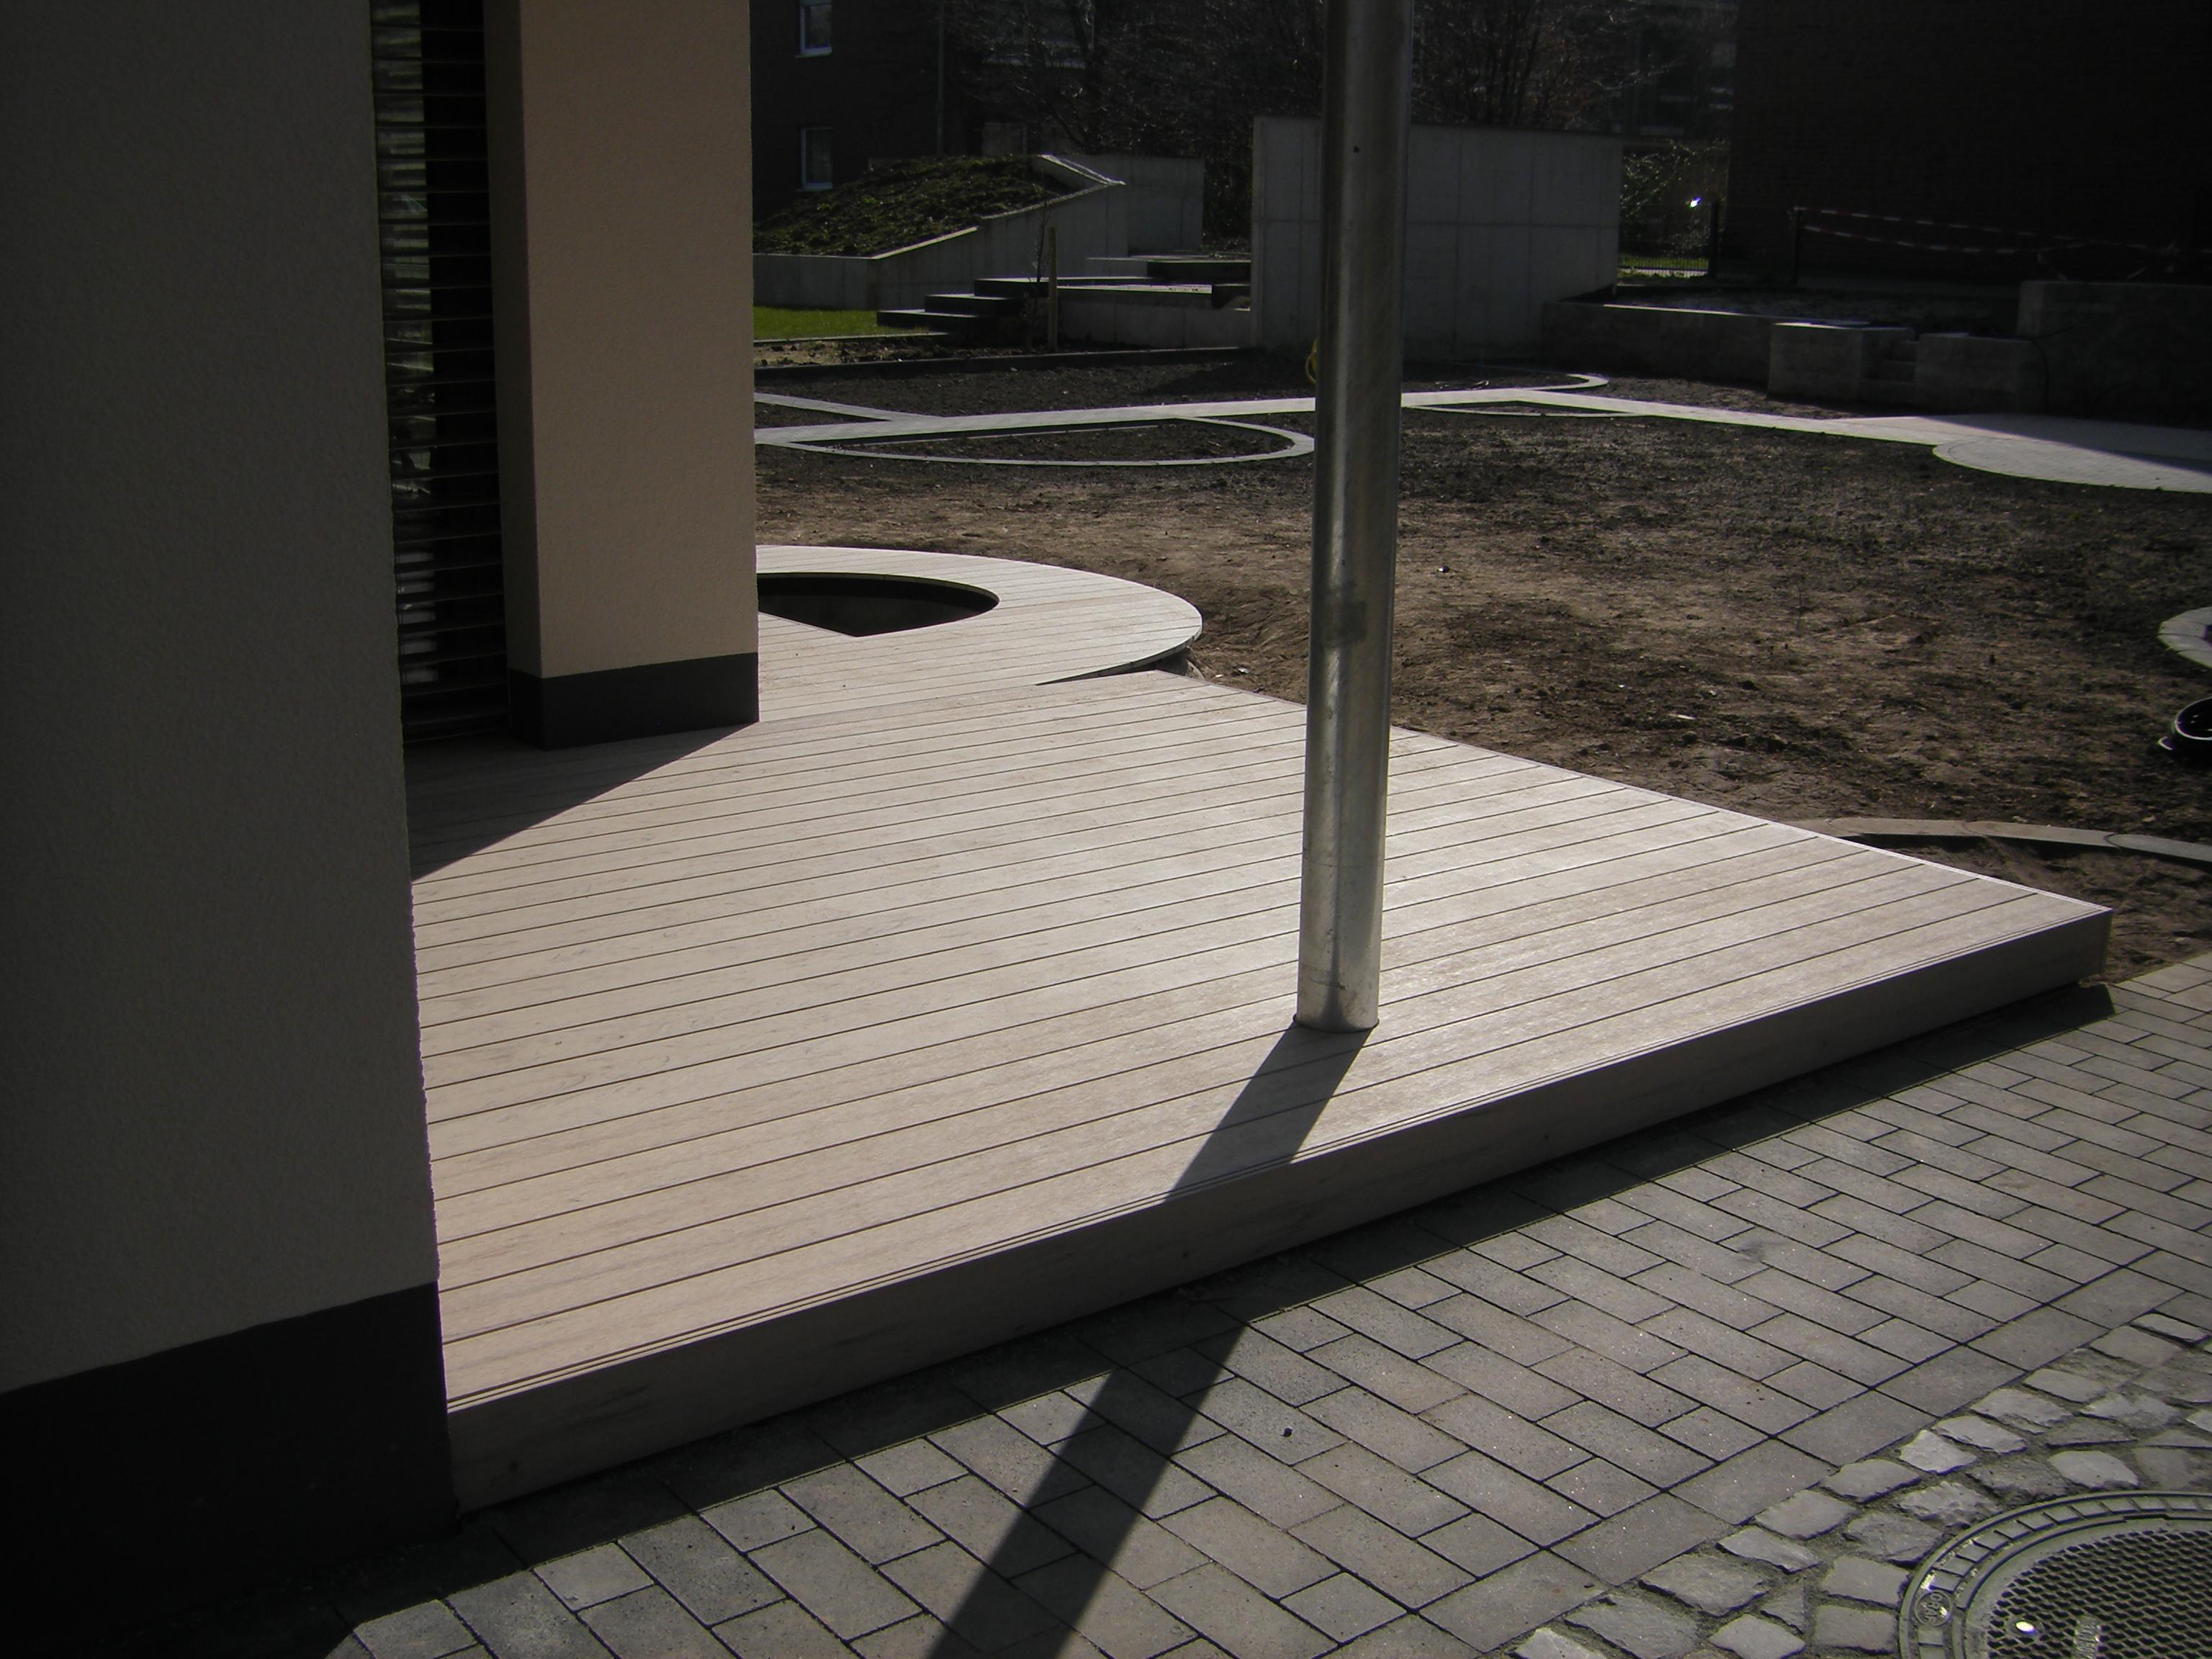 Referenzen Terrasse Balkon Sauerland